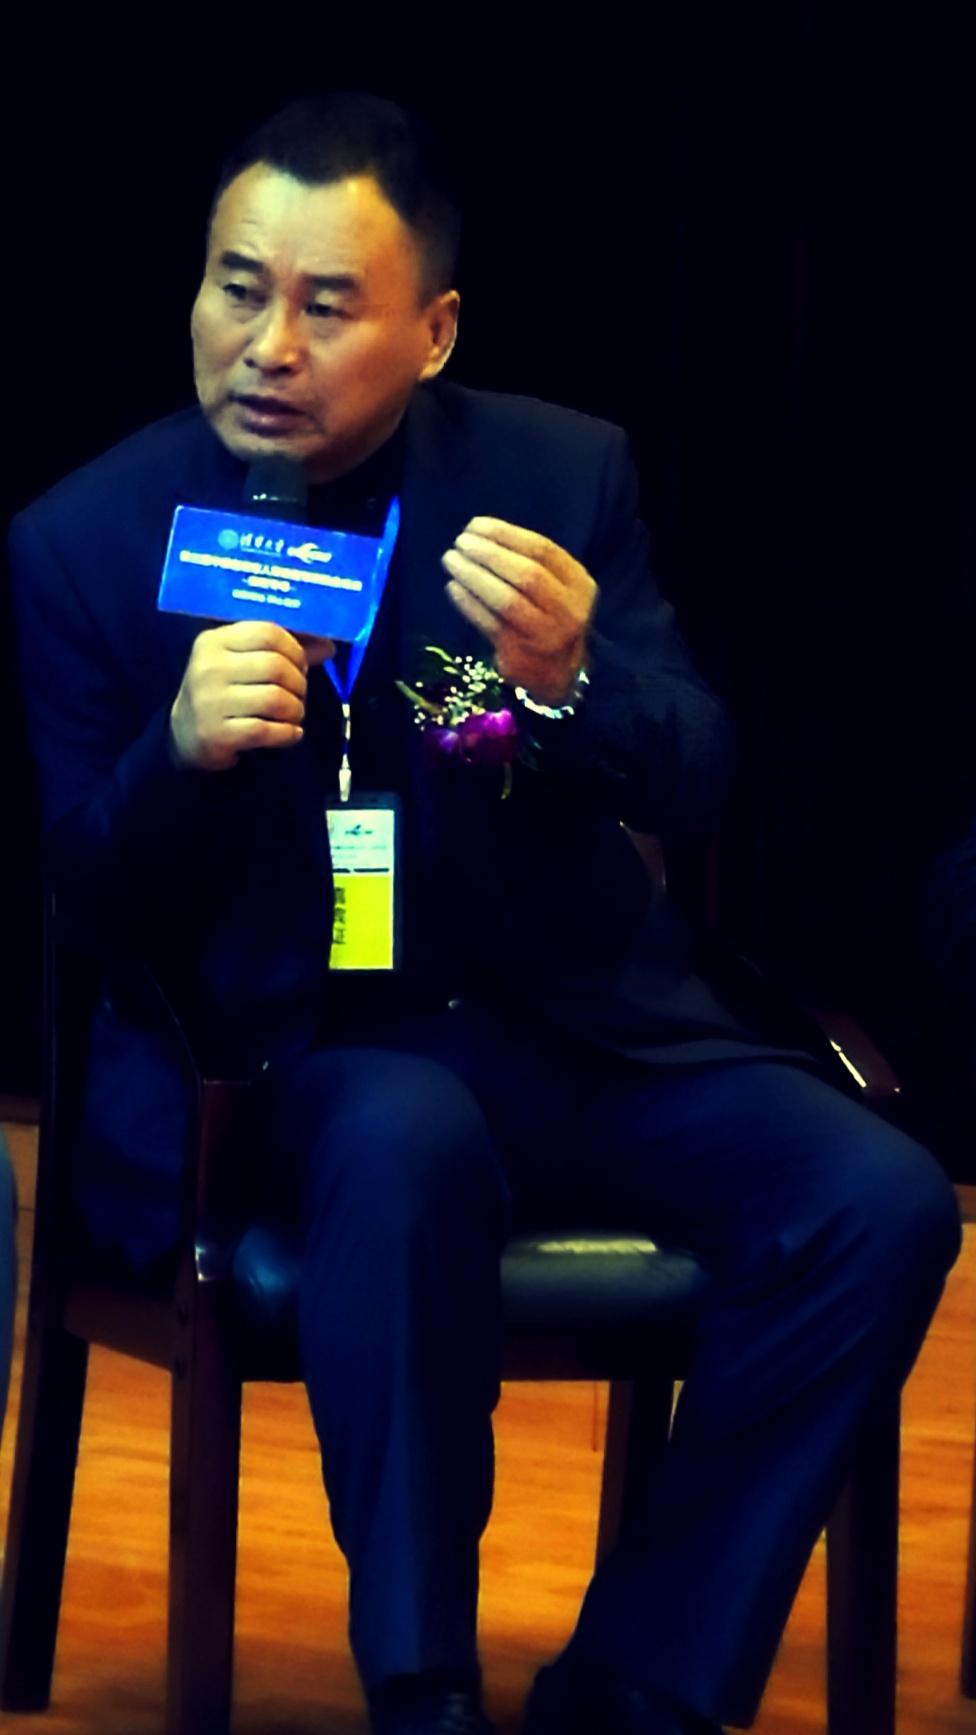 老兵房车旅游指挥长杨明参加中国退役军人事务暨军民融合论坛云南专场